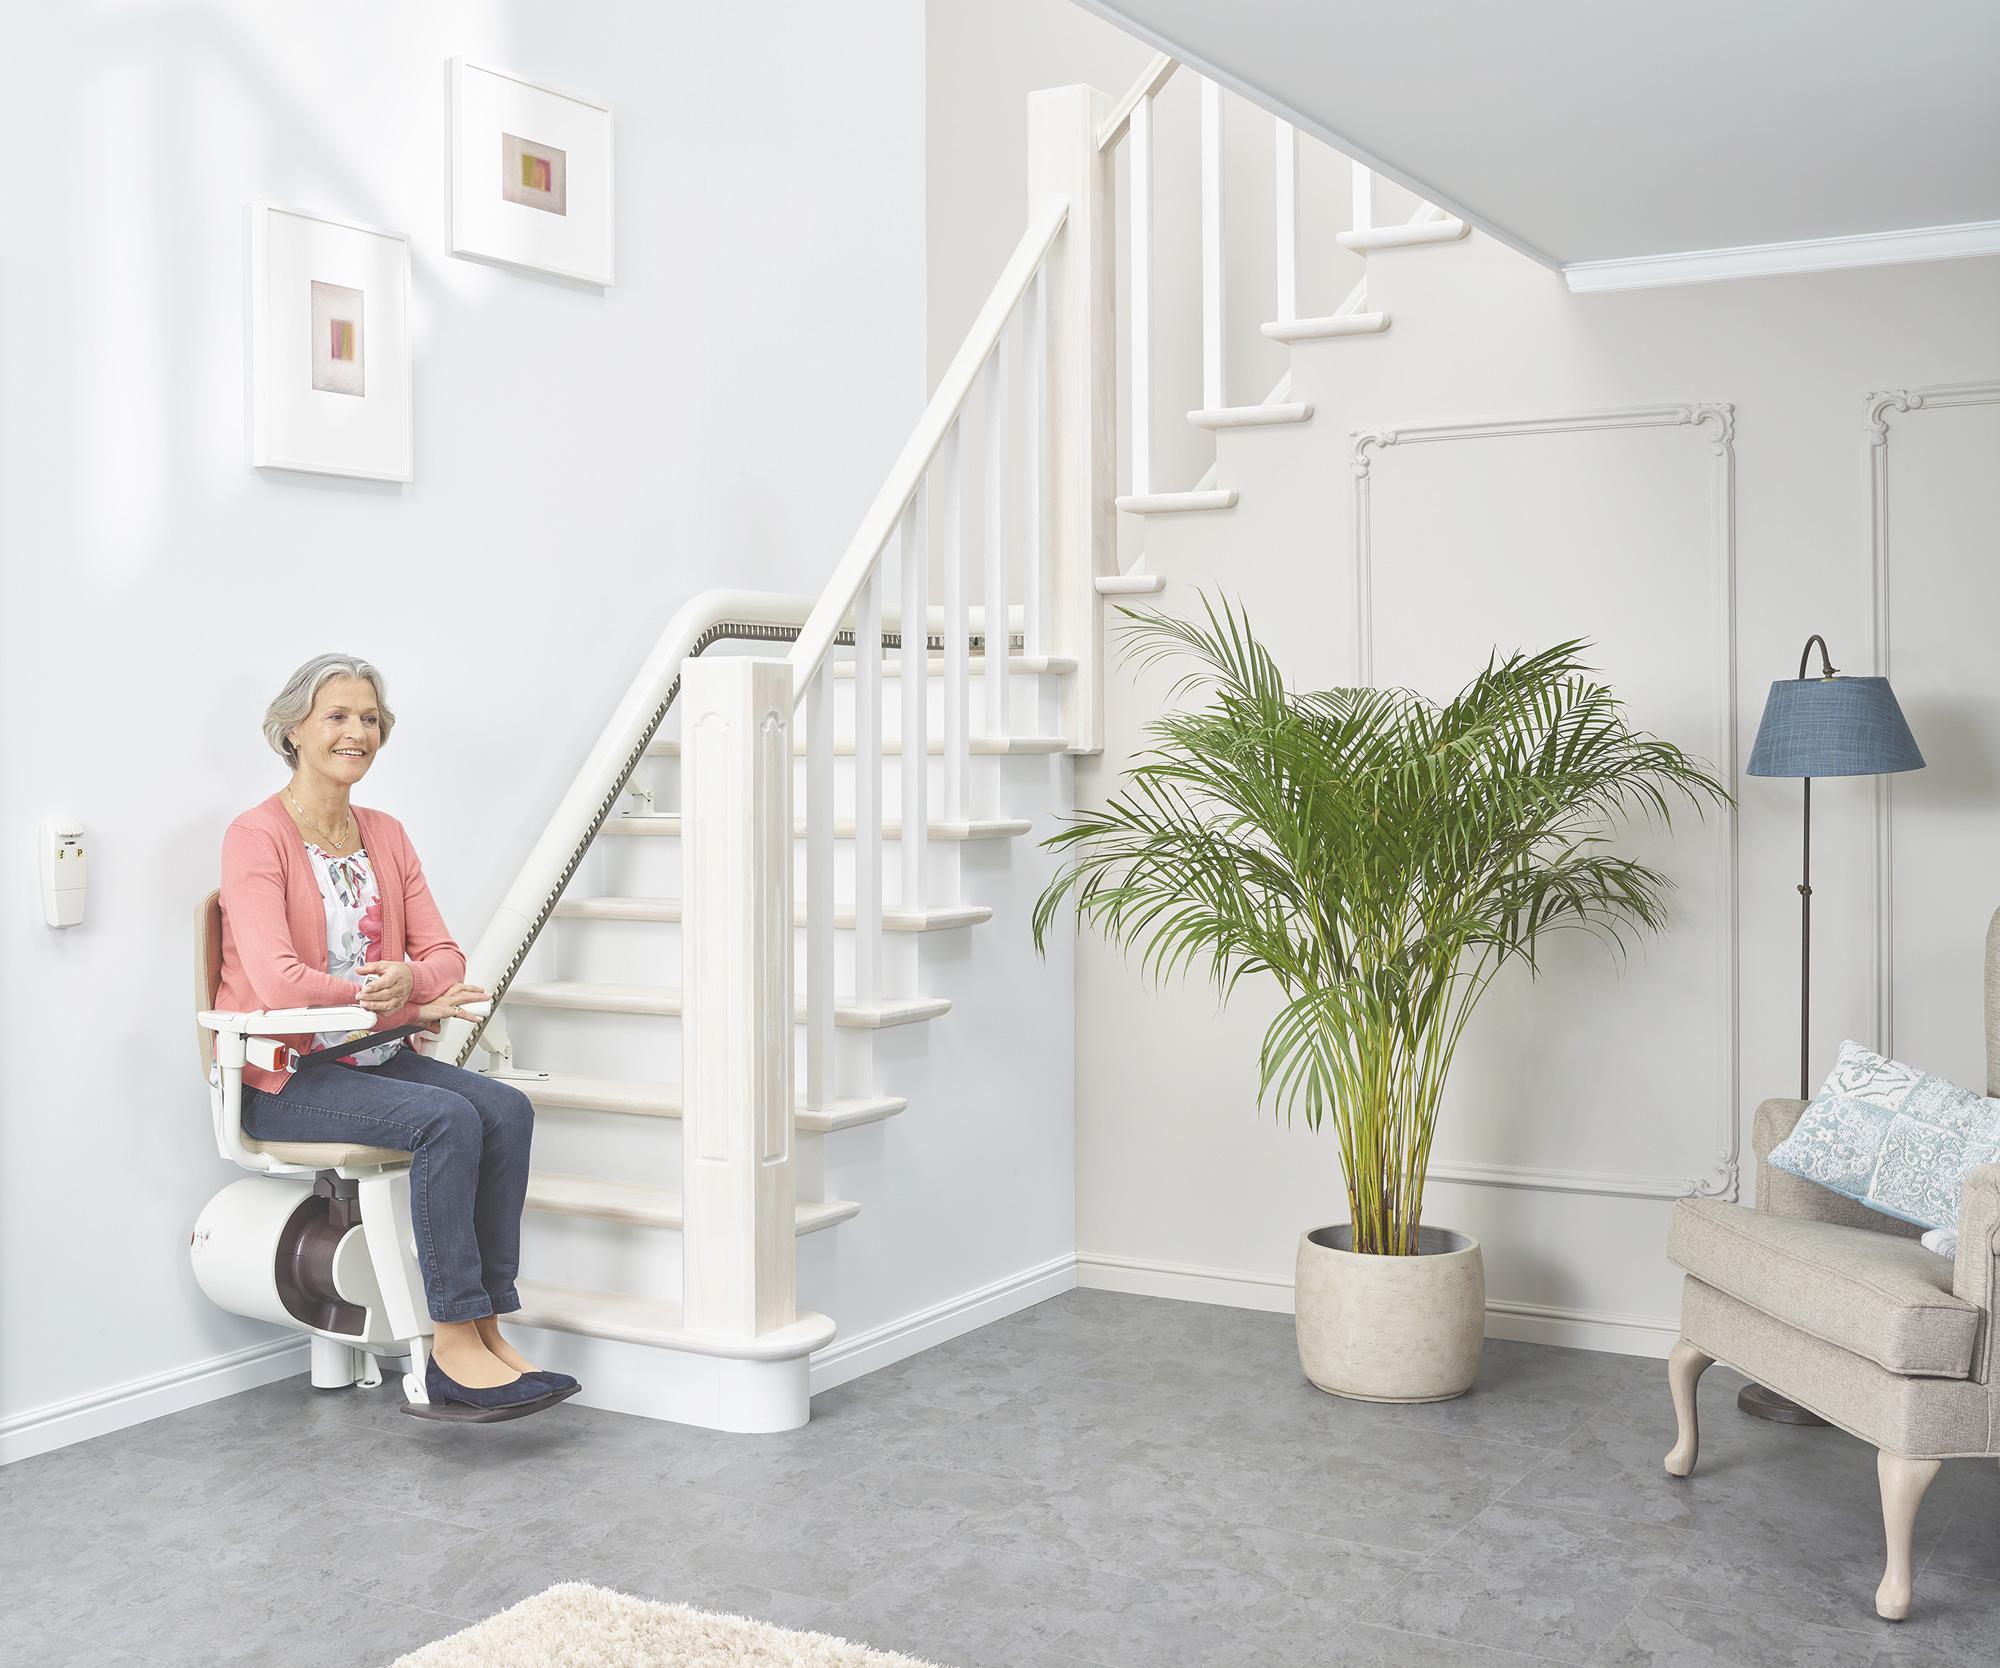 Faire Un Escalier Avec Des Palettes monte escalier : guide comparatif des prix et marques en 2020